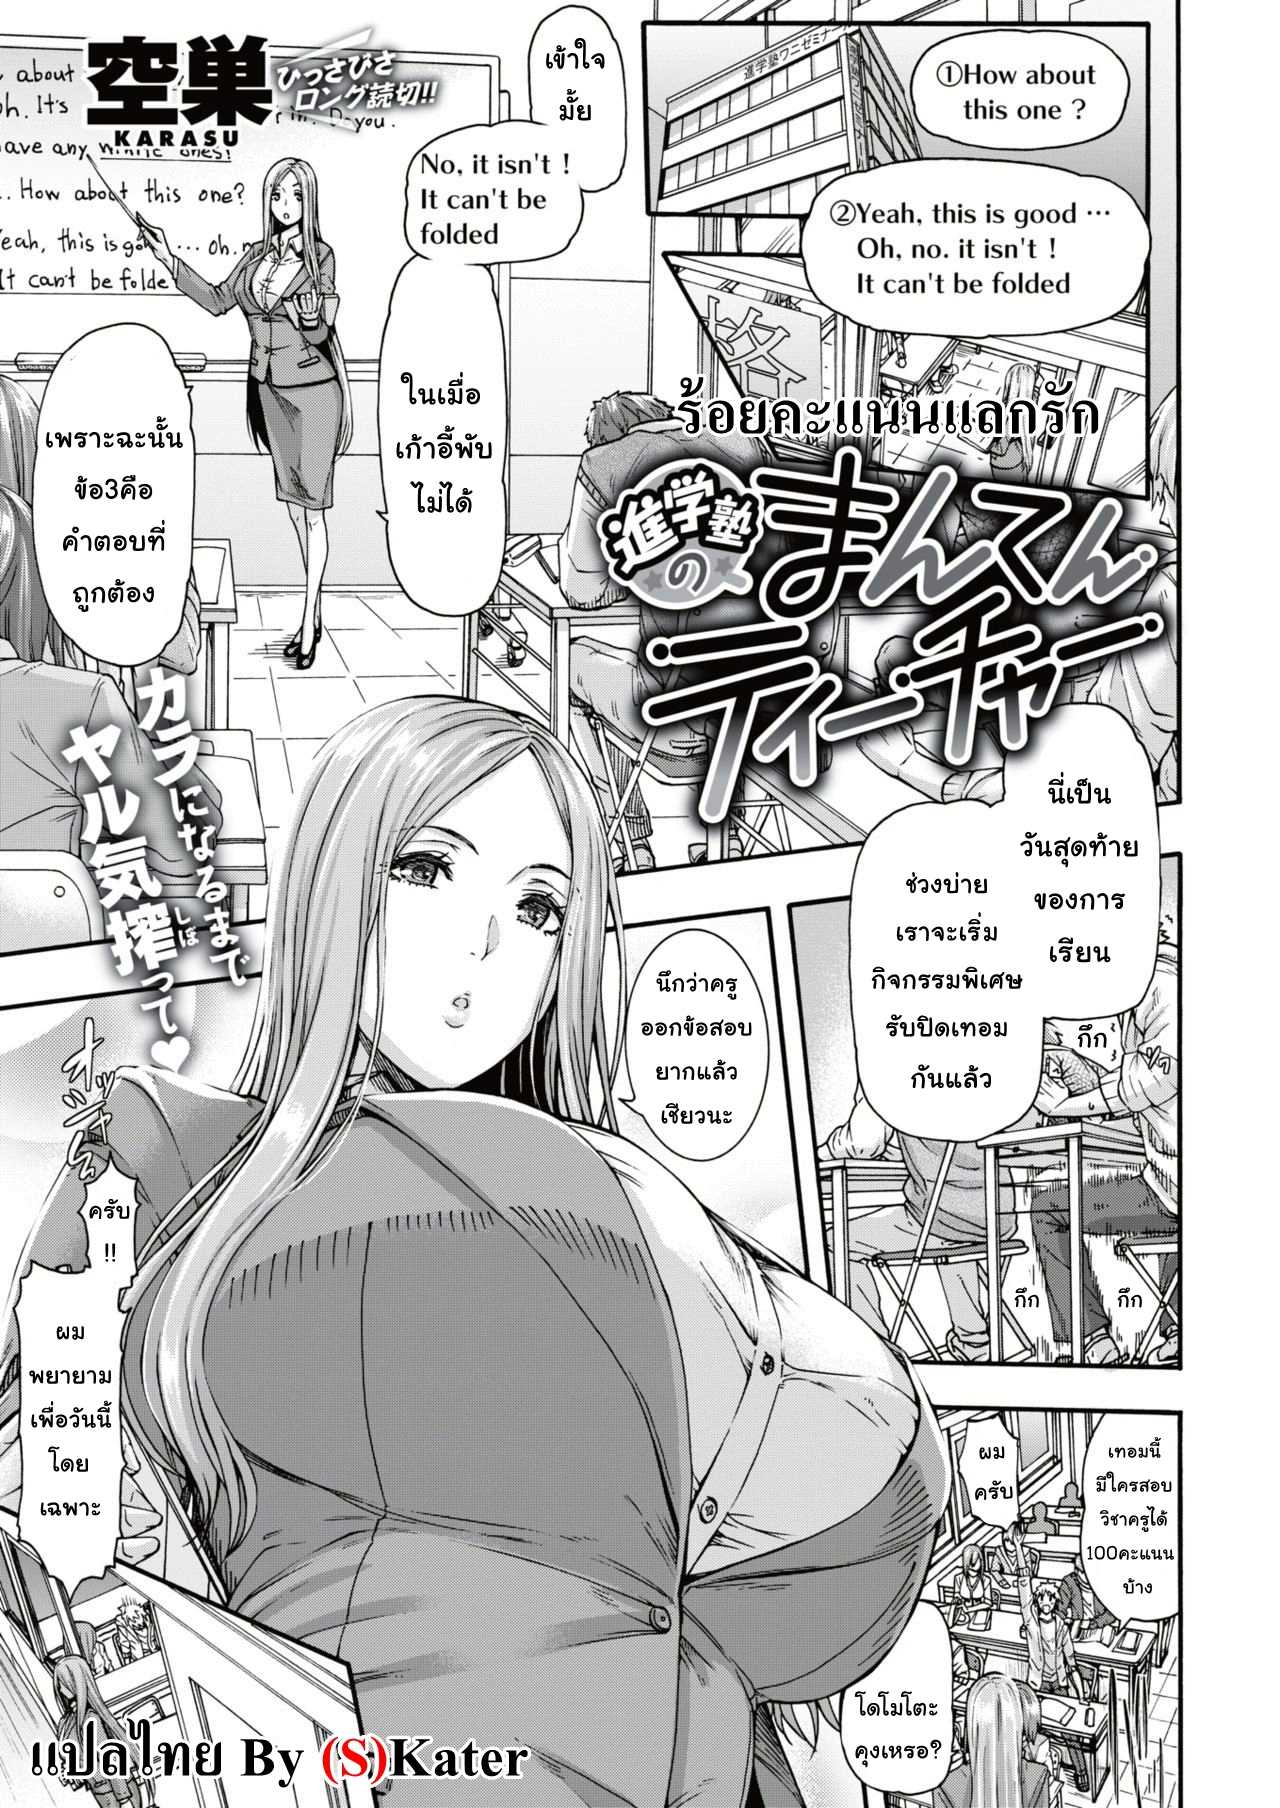 karasu-shingakujuku-no-manten-teacher-teacher